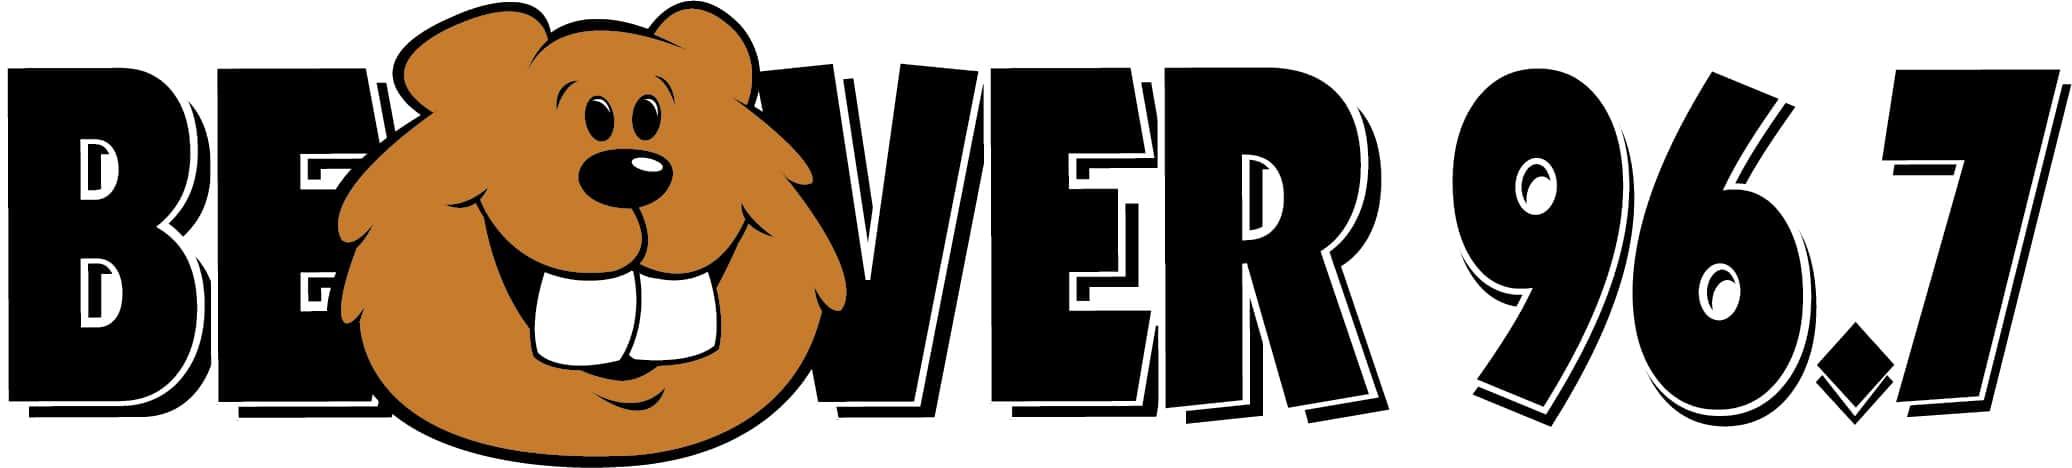 BeaverFM 96.7